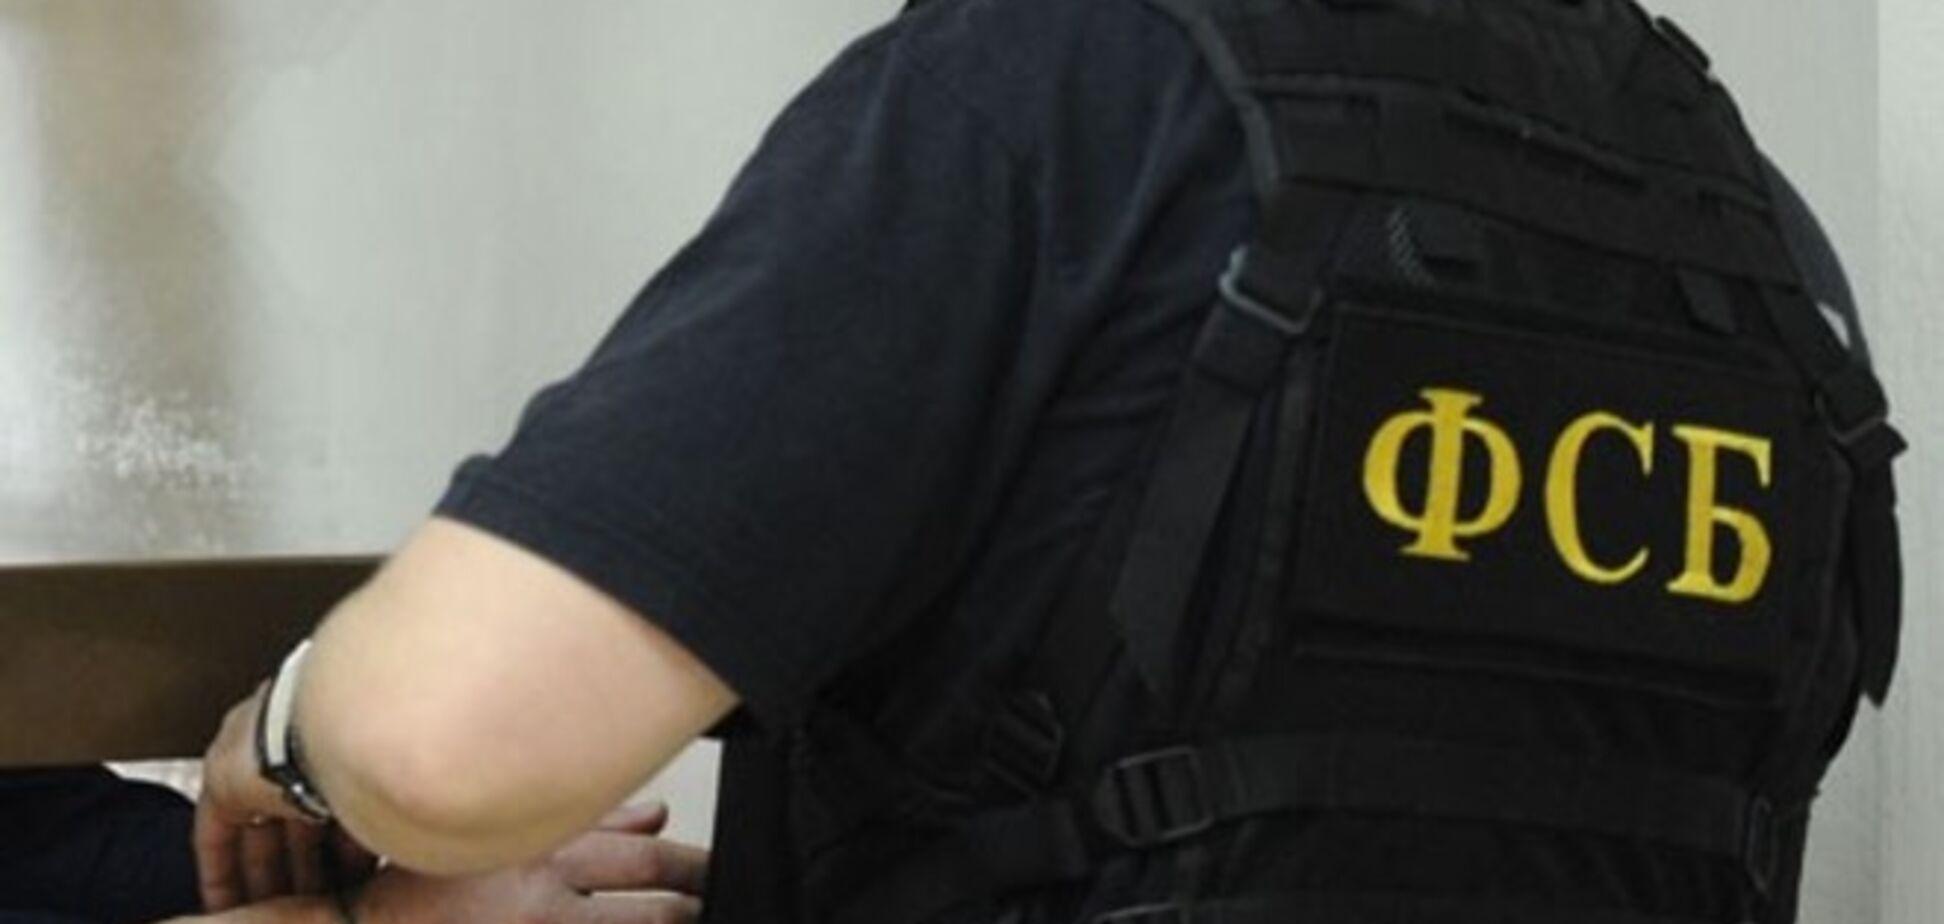 ФСБ преследует украинцев в России, угрожает лишением родительских прав и увольняет с работы